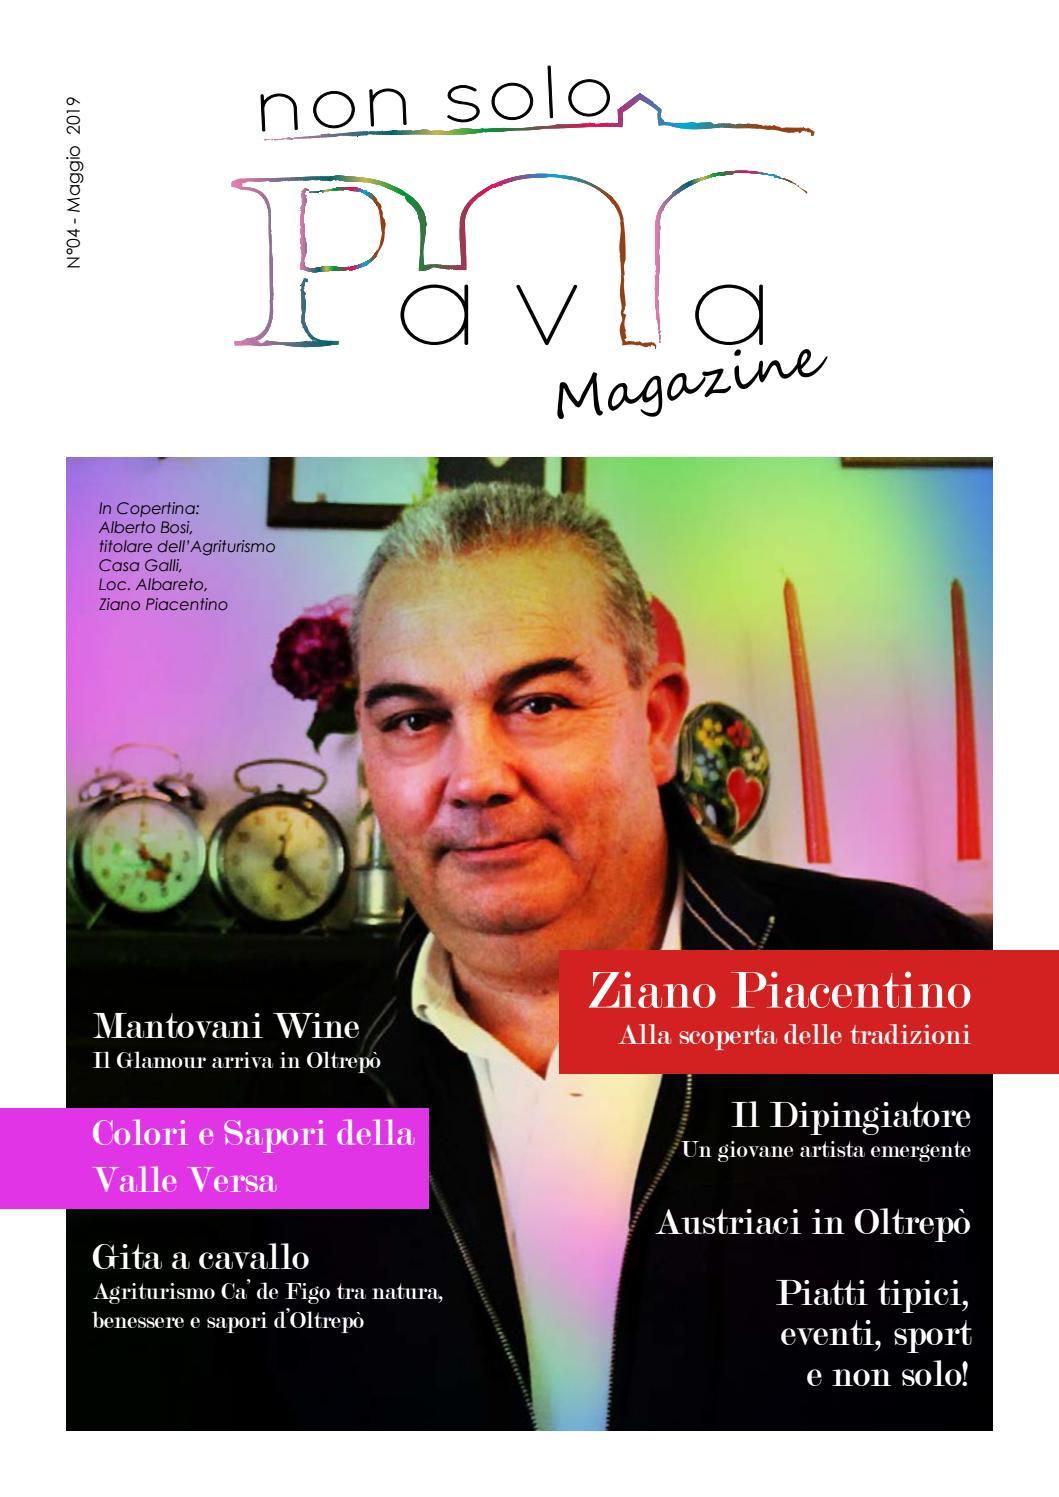 Pavia e Non Solo Magazine Maggio 2019 by Filippo Mabedo II